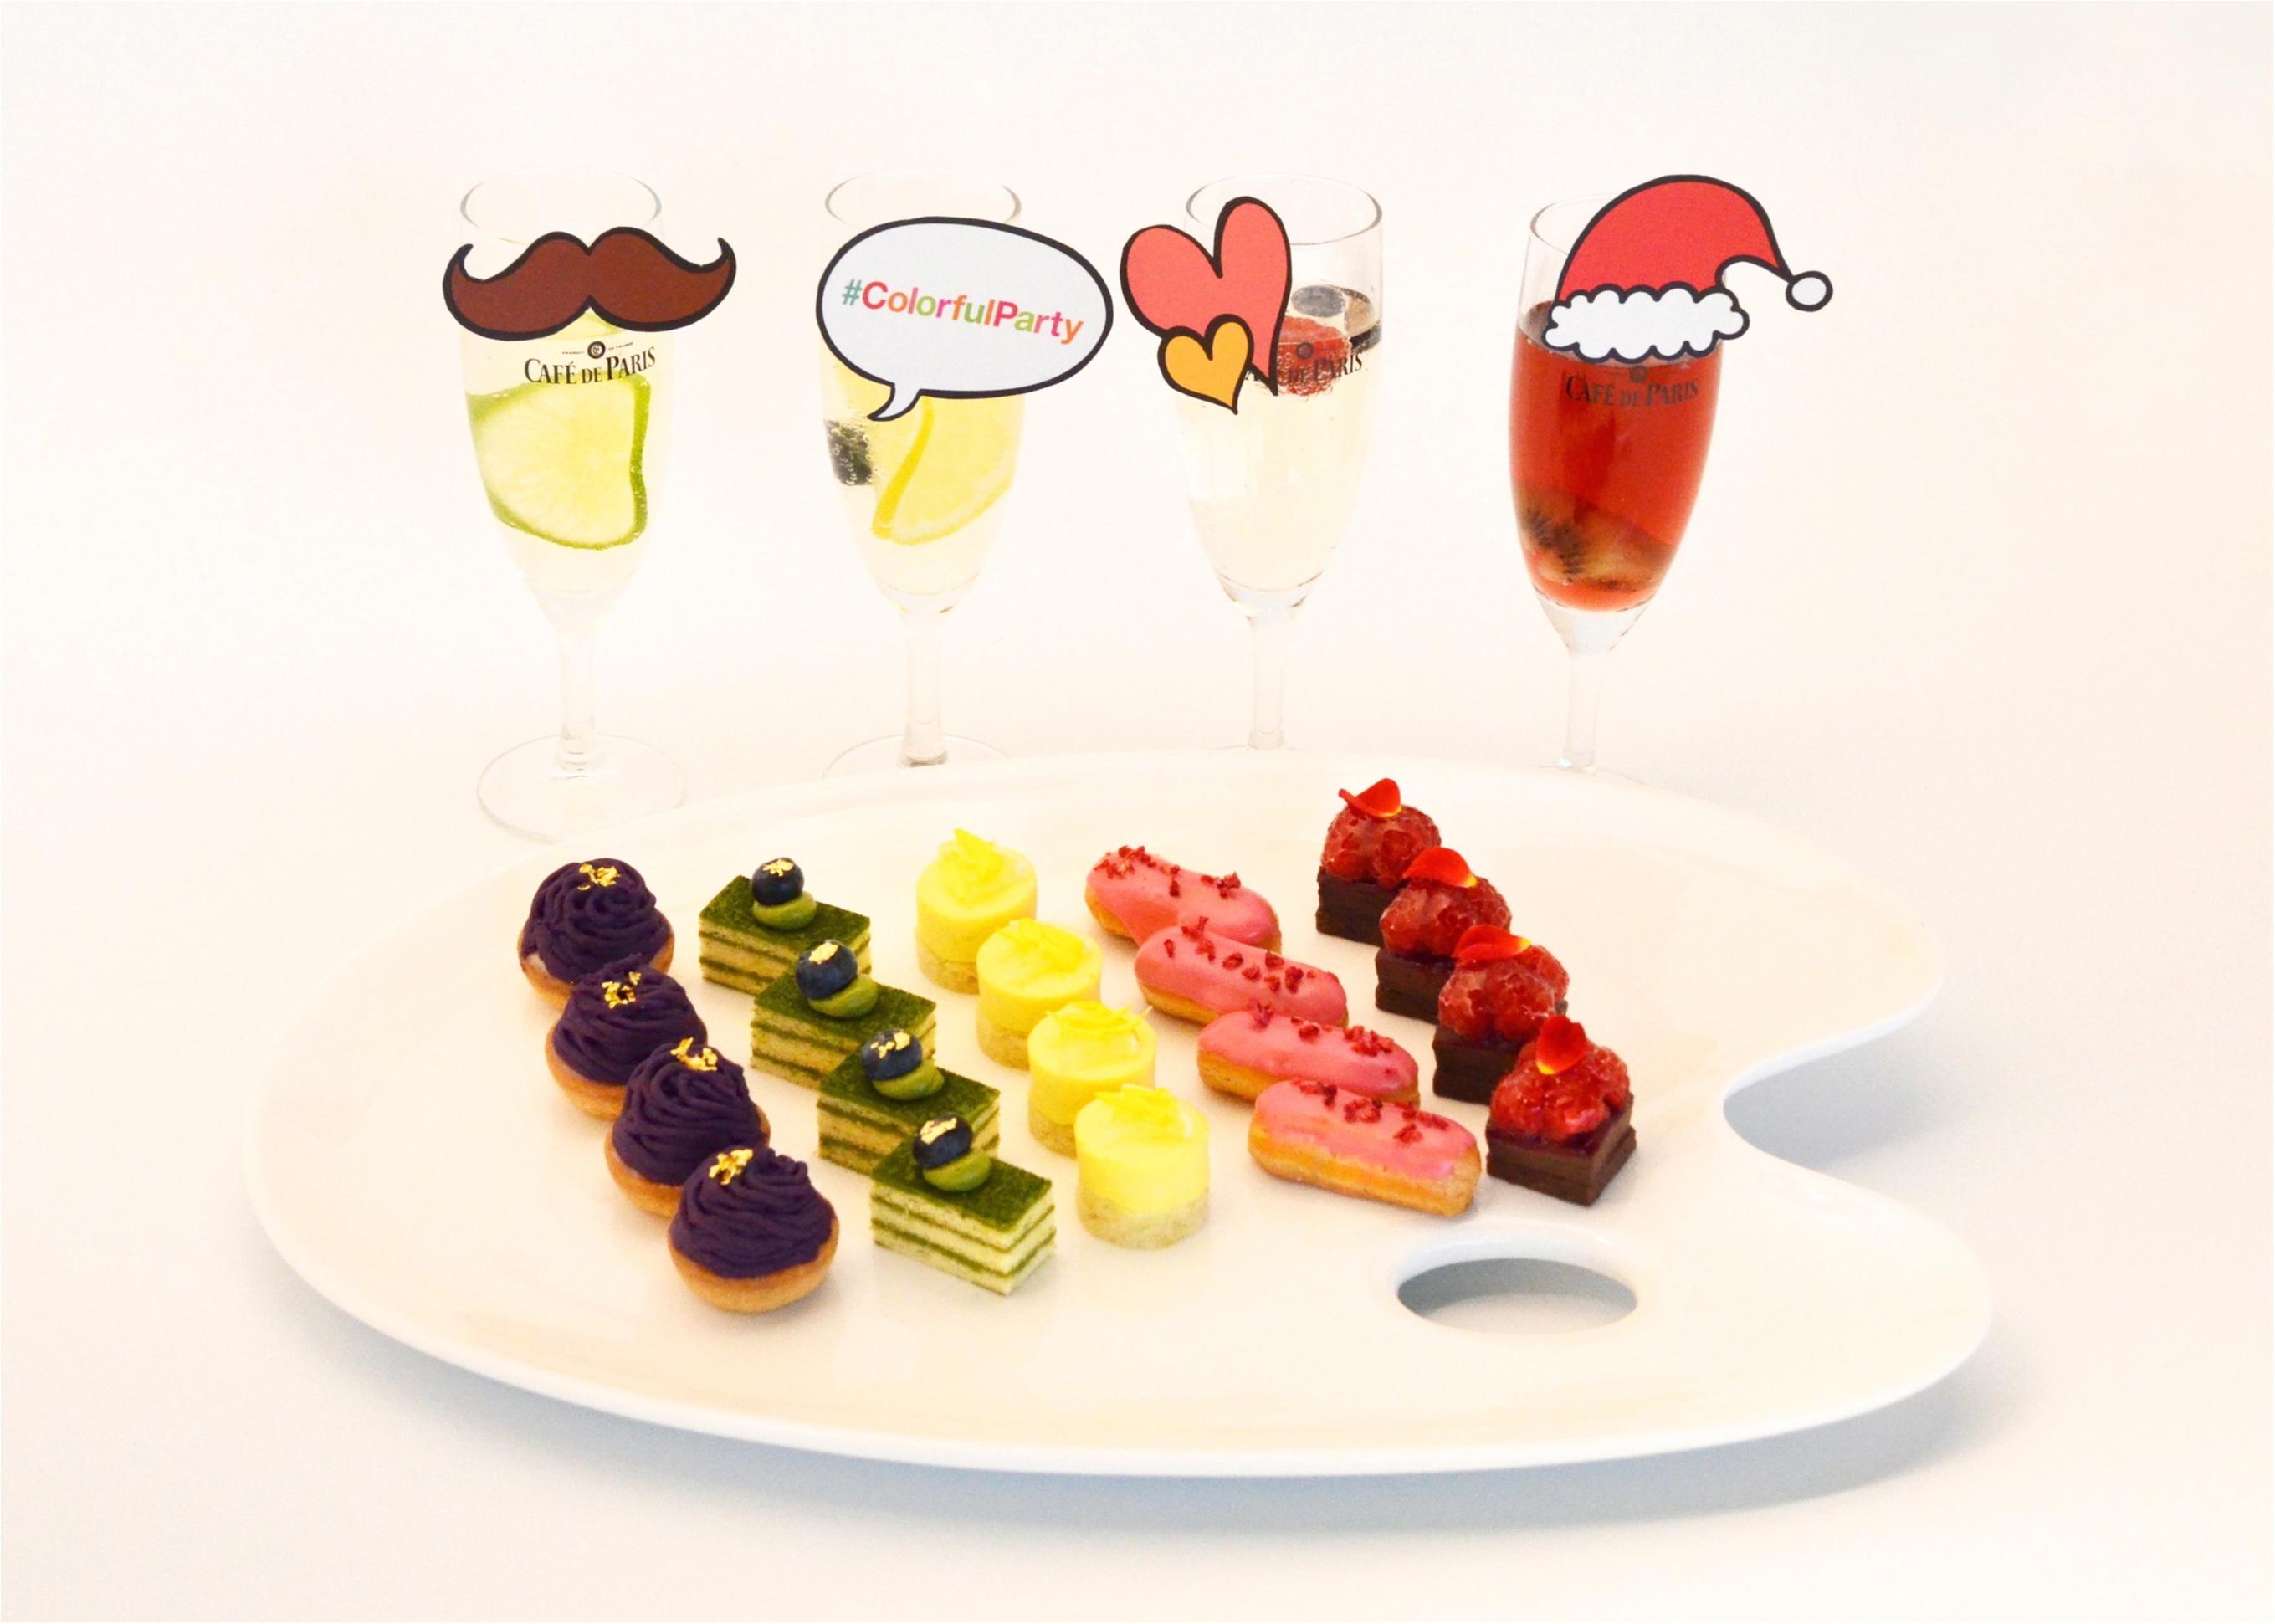 フォトジェニクなバーを発見☆ 「カフェ・ド・パリ」のポップアップバー『Café de Paris presents #ColorfulParty』が4日間限定で表参道にオープン!_2